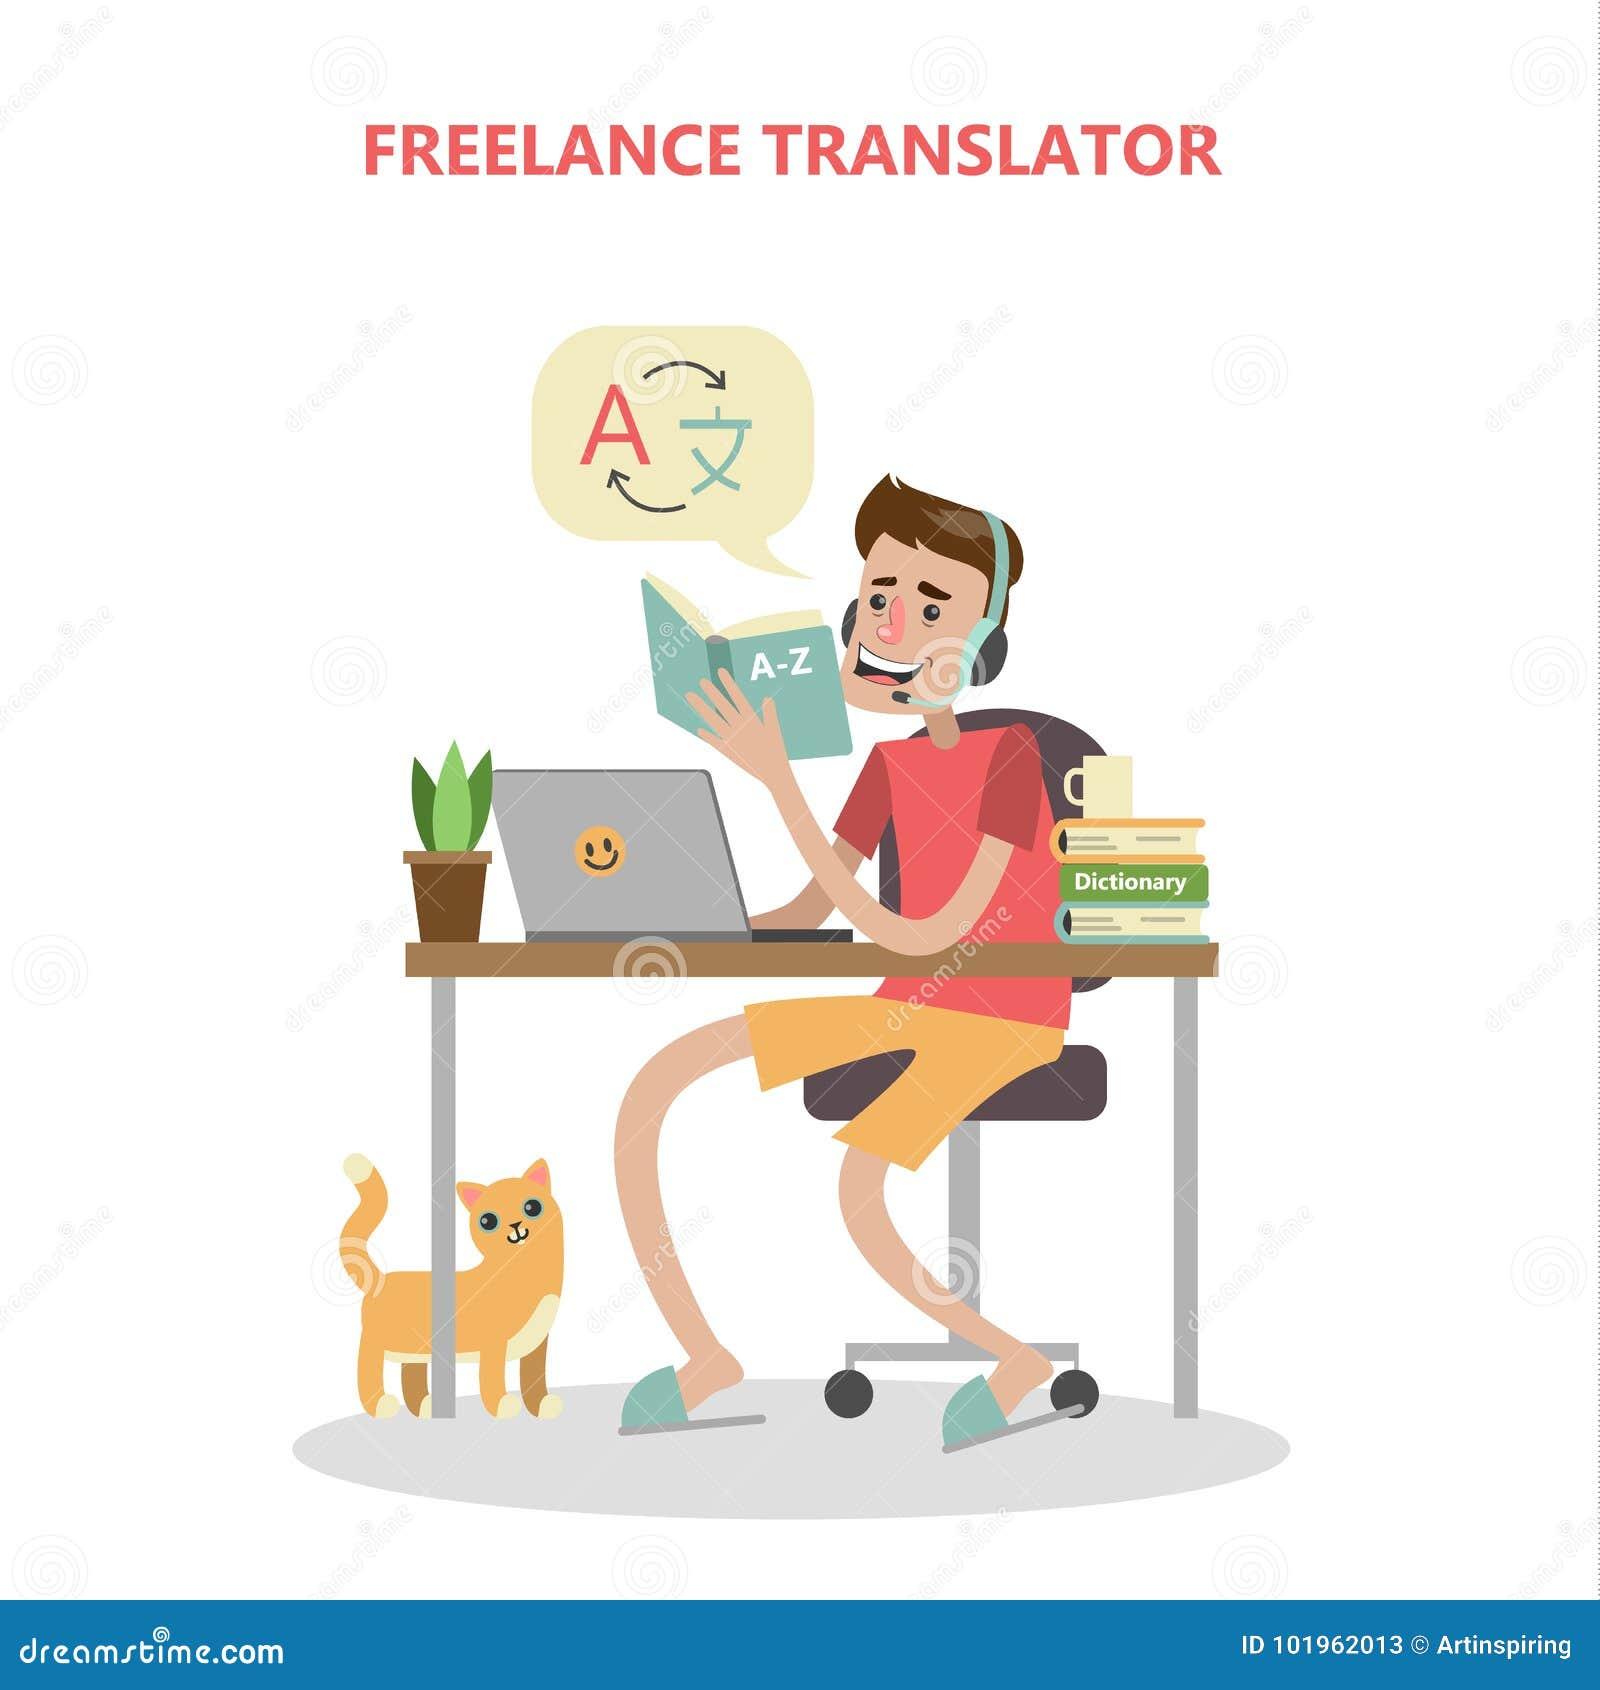 сайты для фриланса перевод